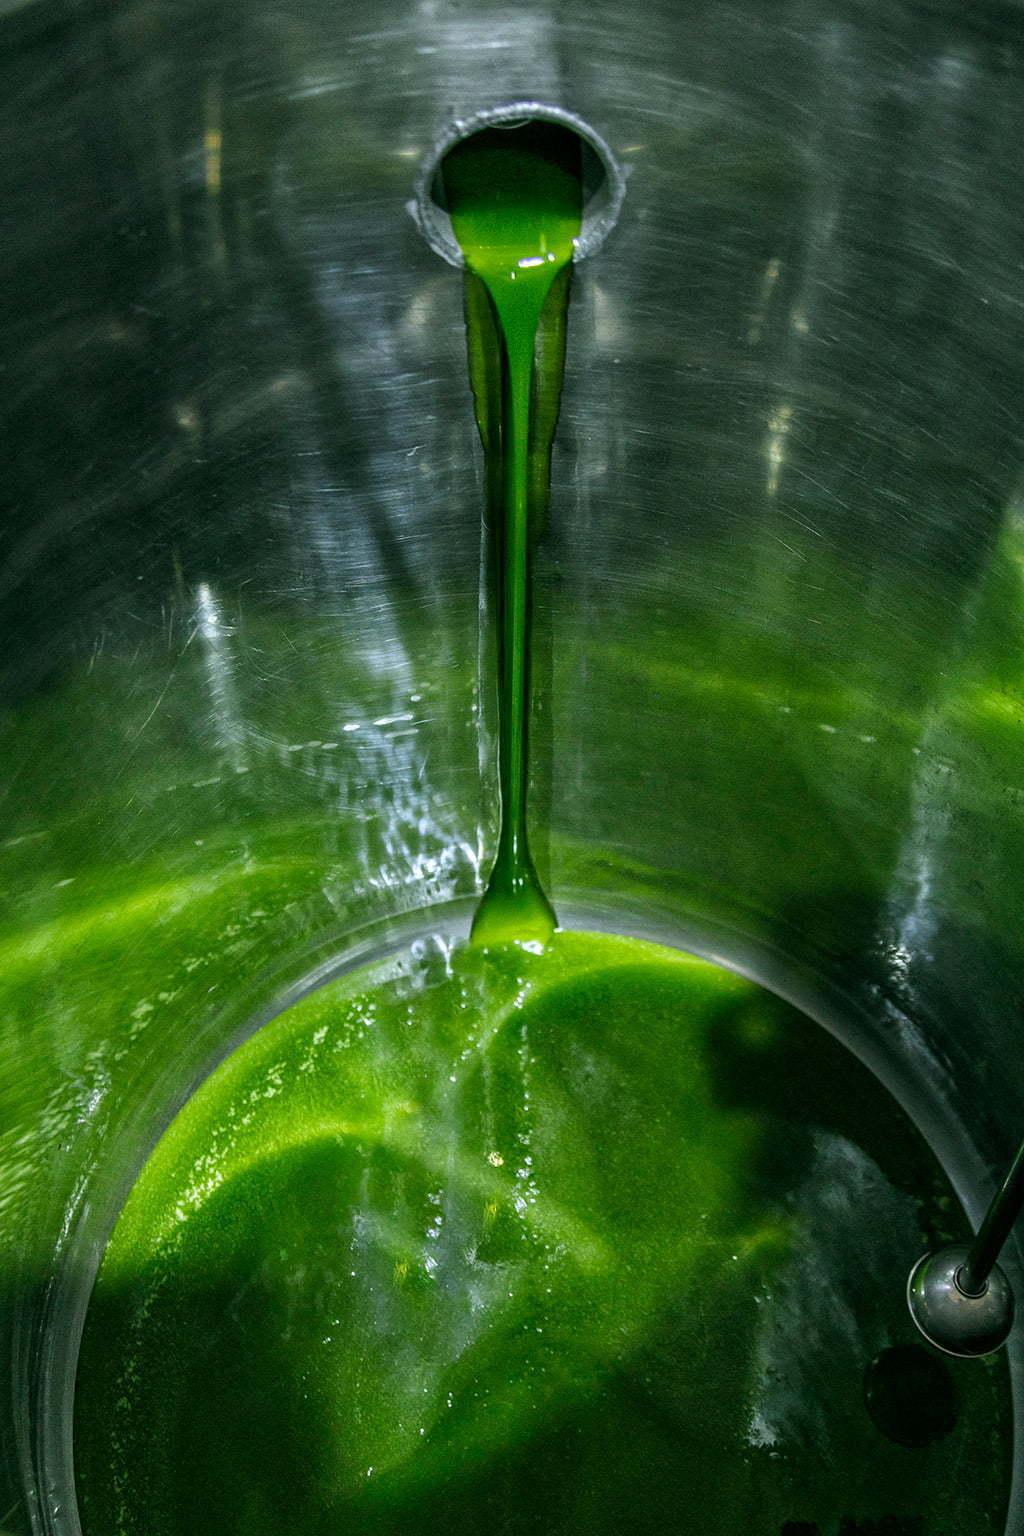 Fotografía corporativa para almazara de aceite de oliva